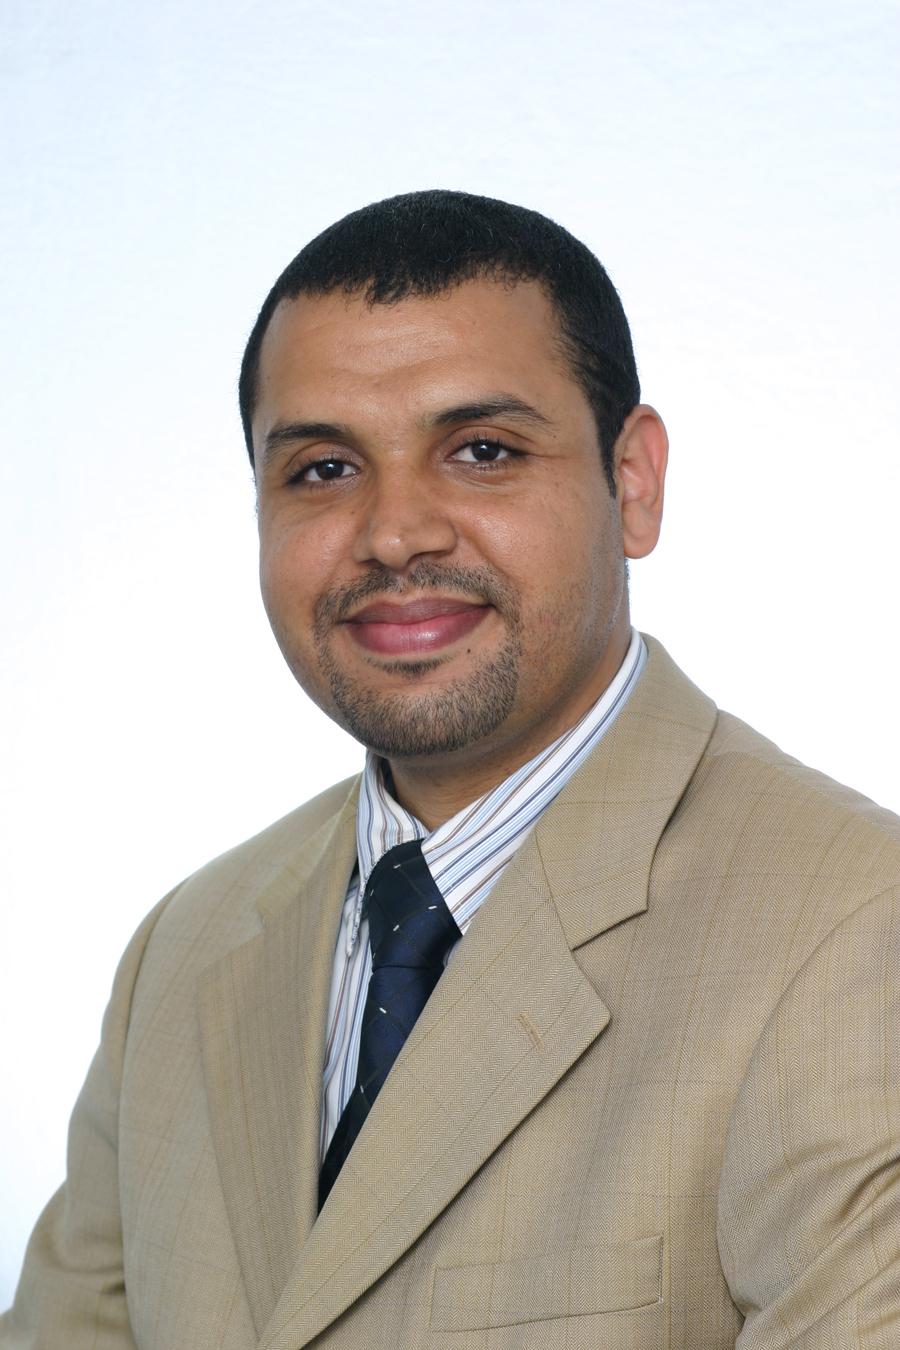 Ahmed Laasri, Jaida